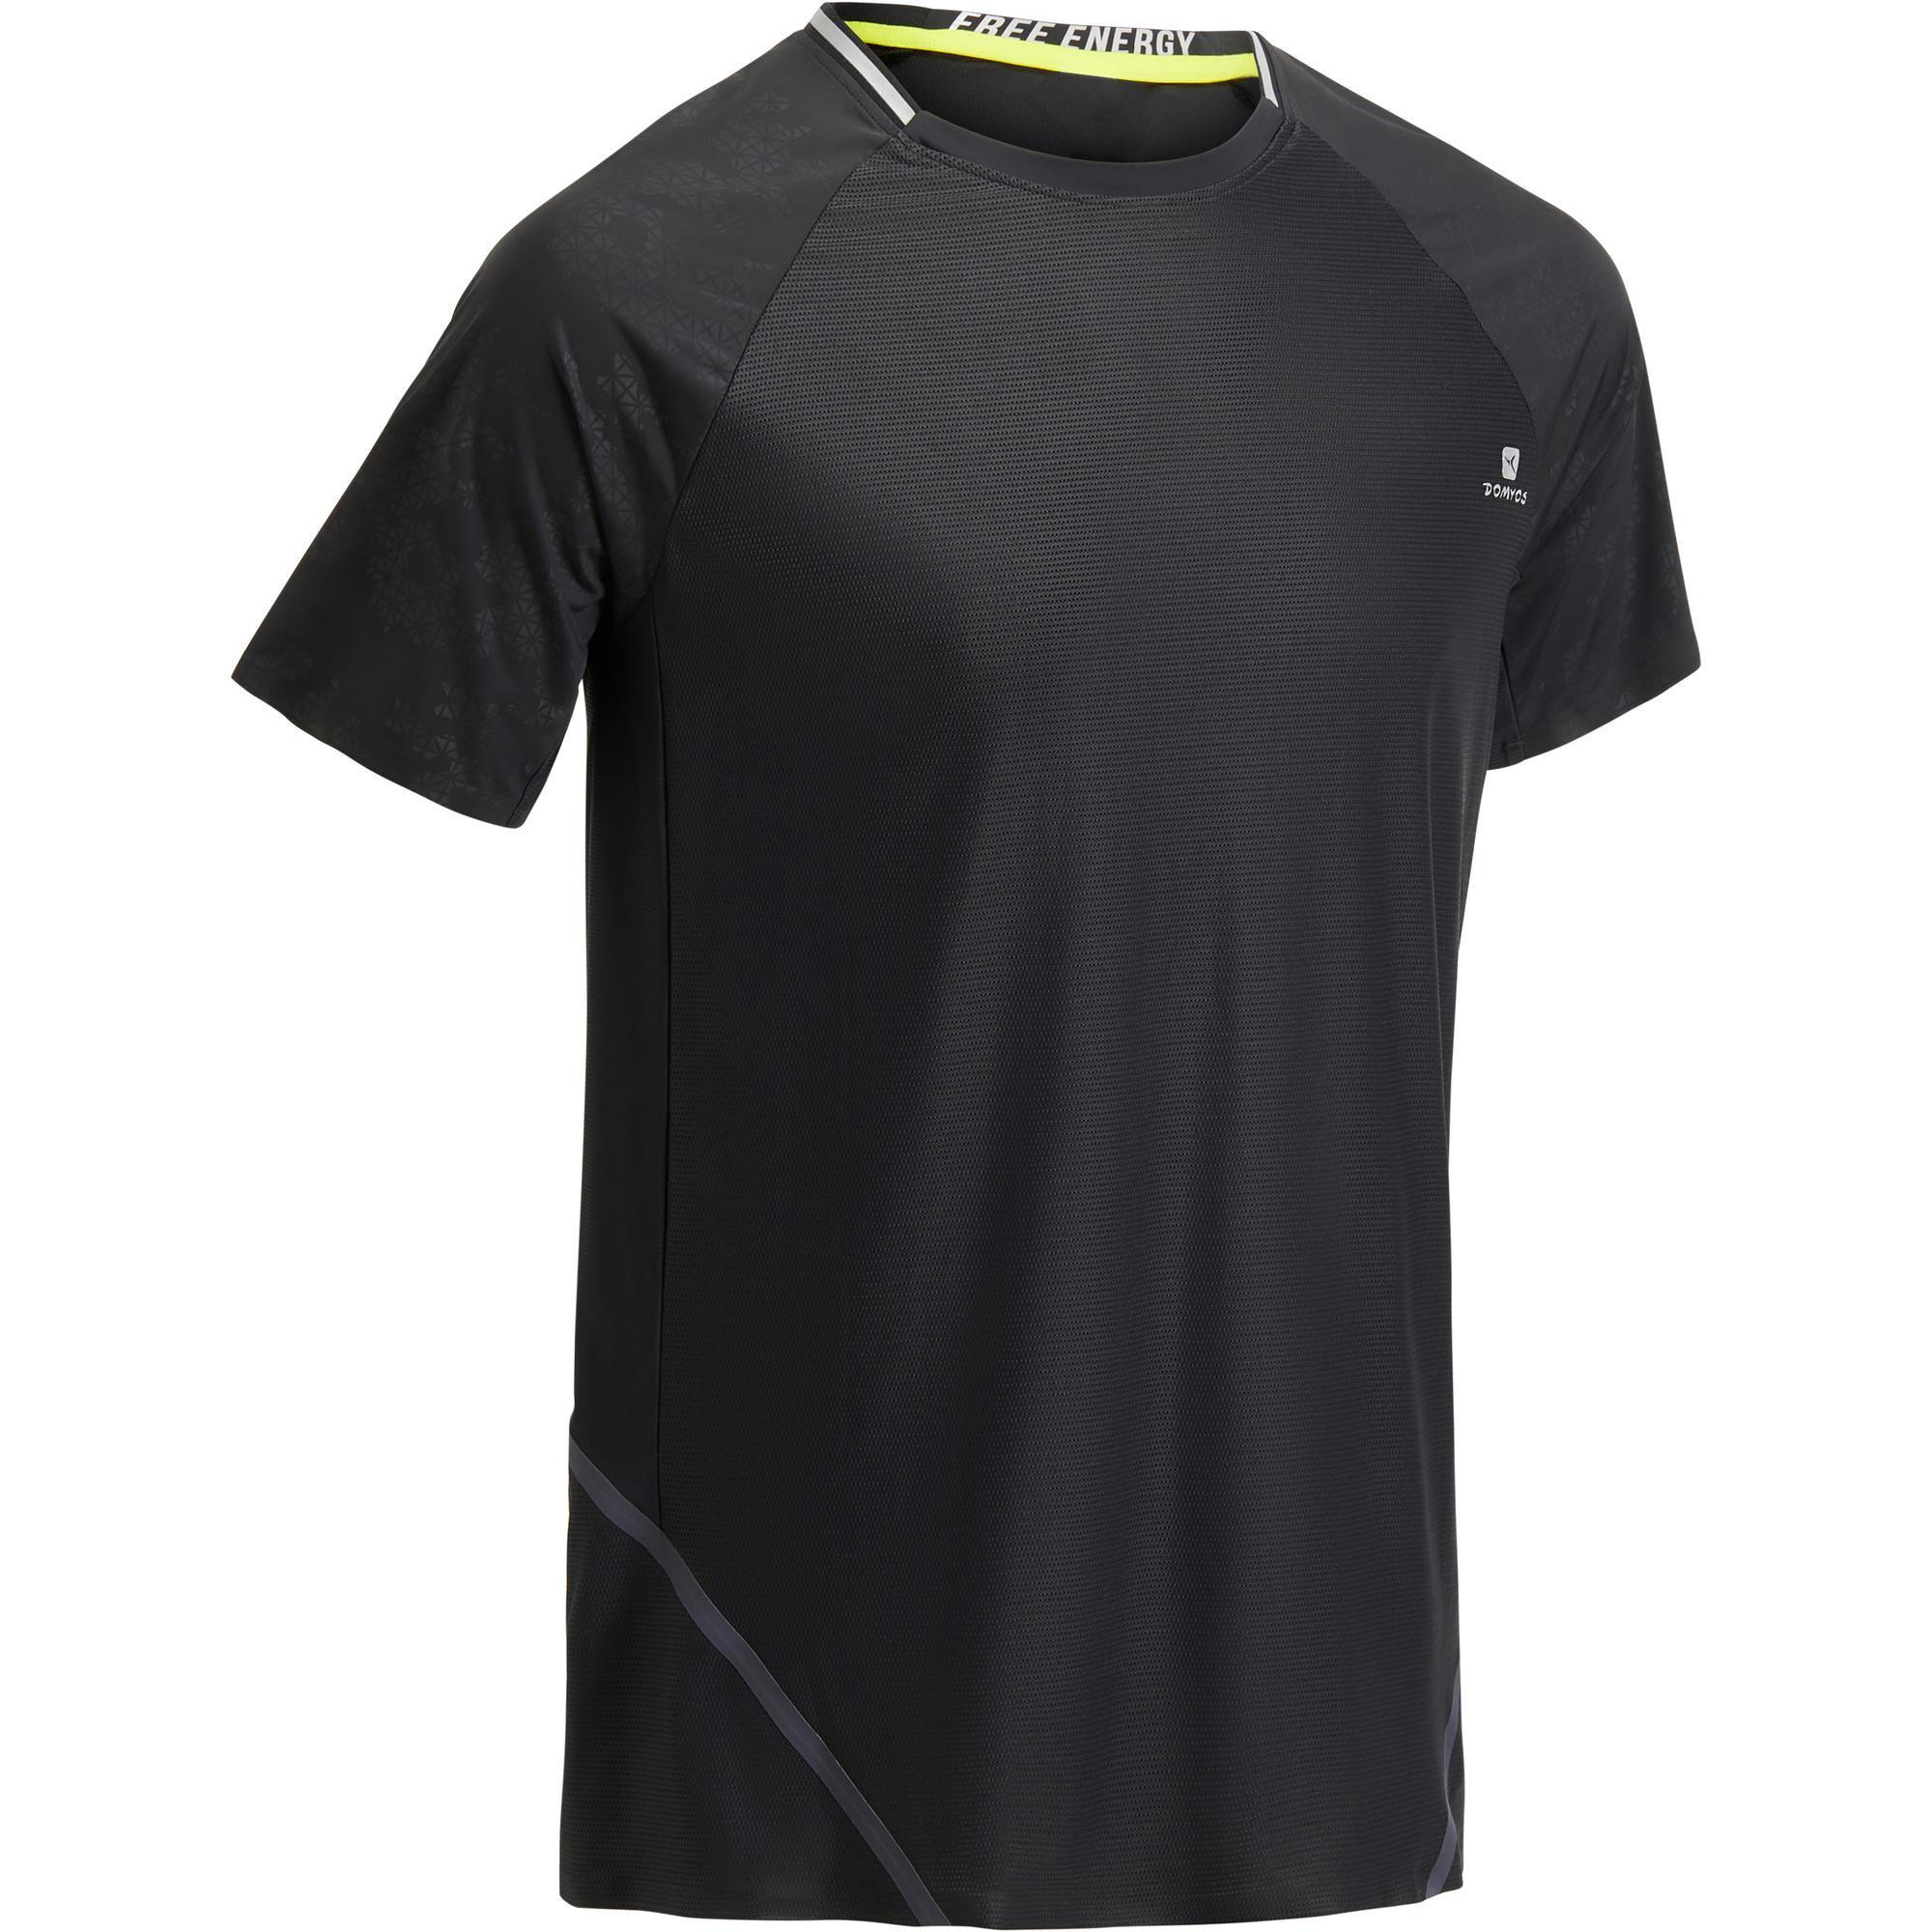 6c1737ca633 ... Domyos T-shirt fitness cardio heren lichtgrijs FTS920 kopen met voordeel